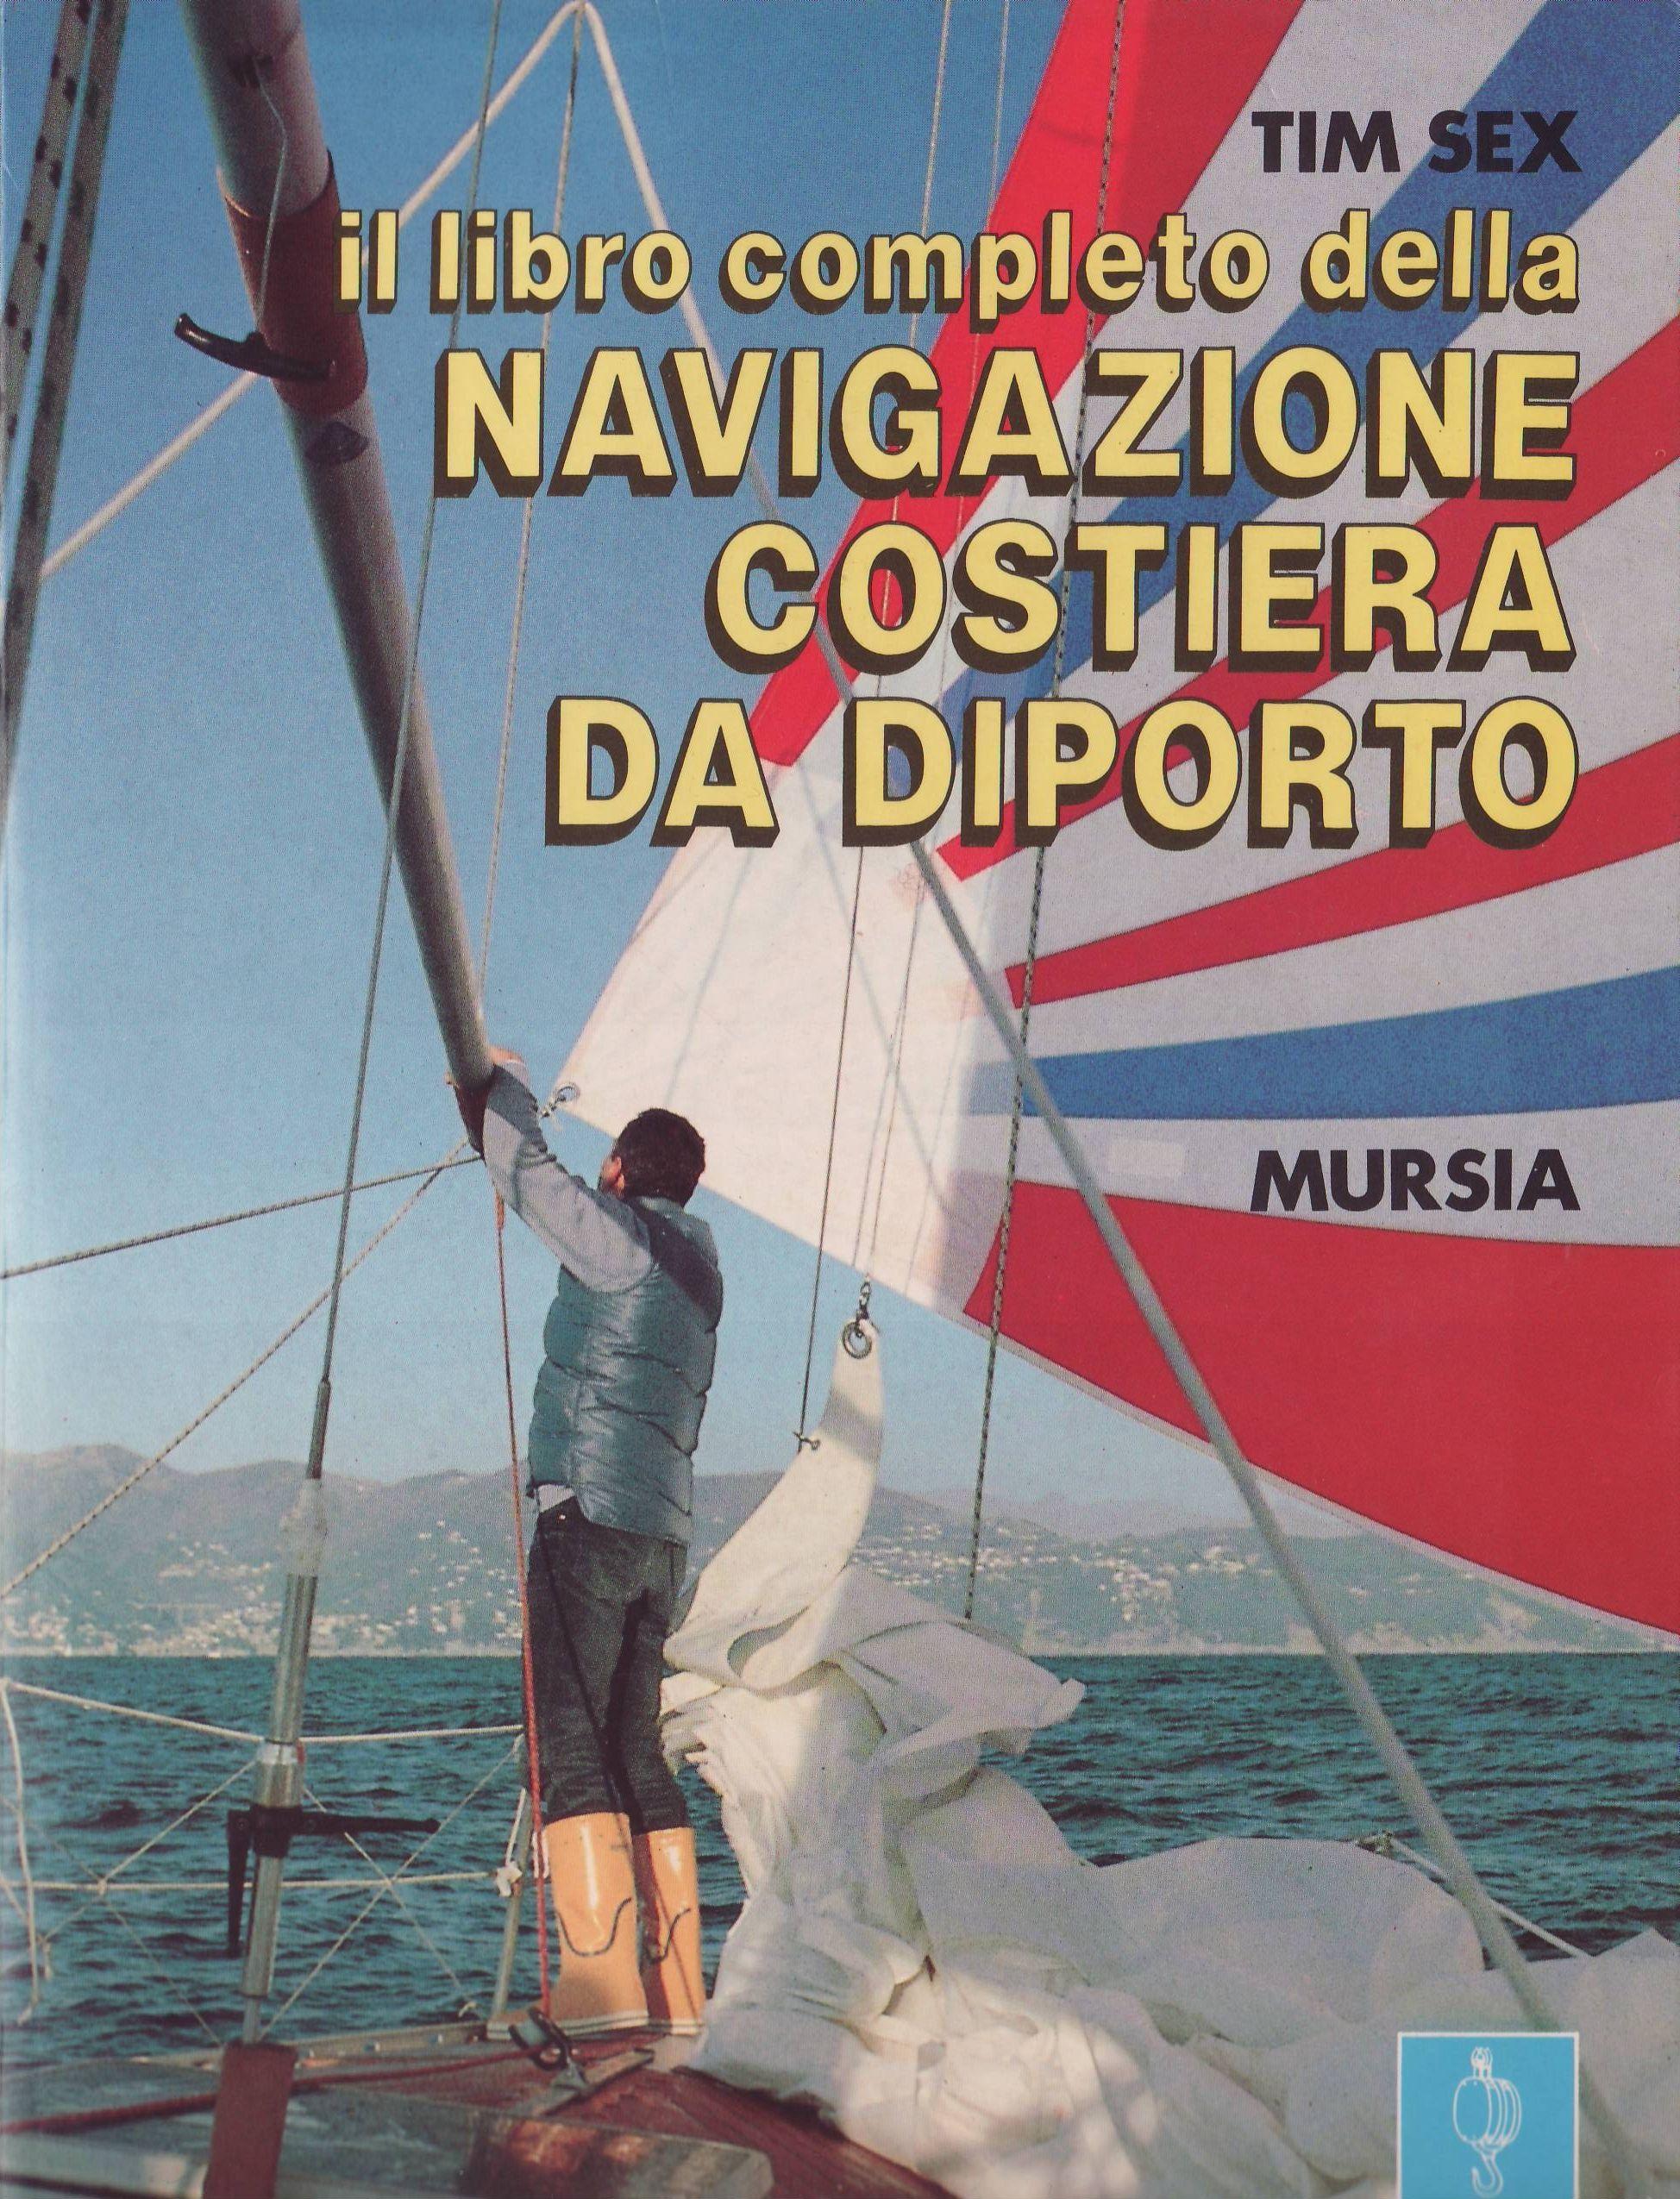 Il libro completo della navigazione costiera da diporto